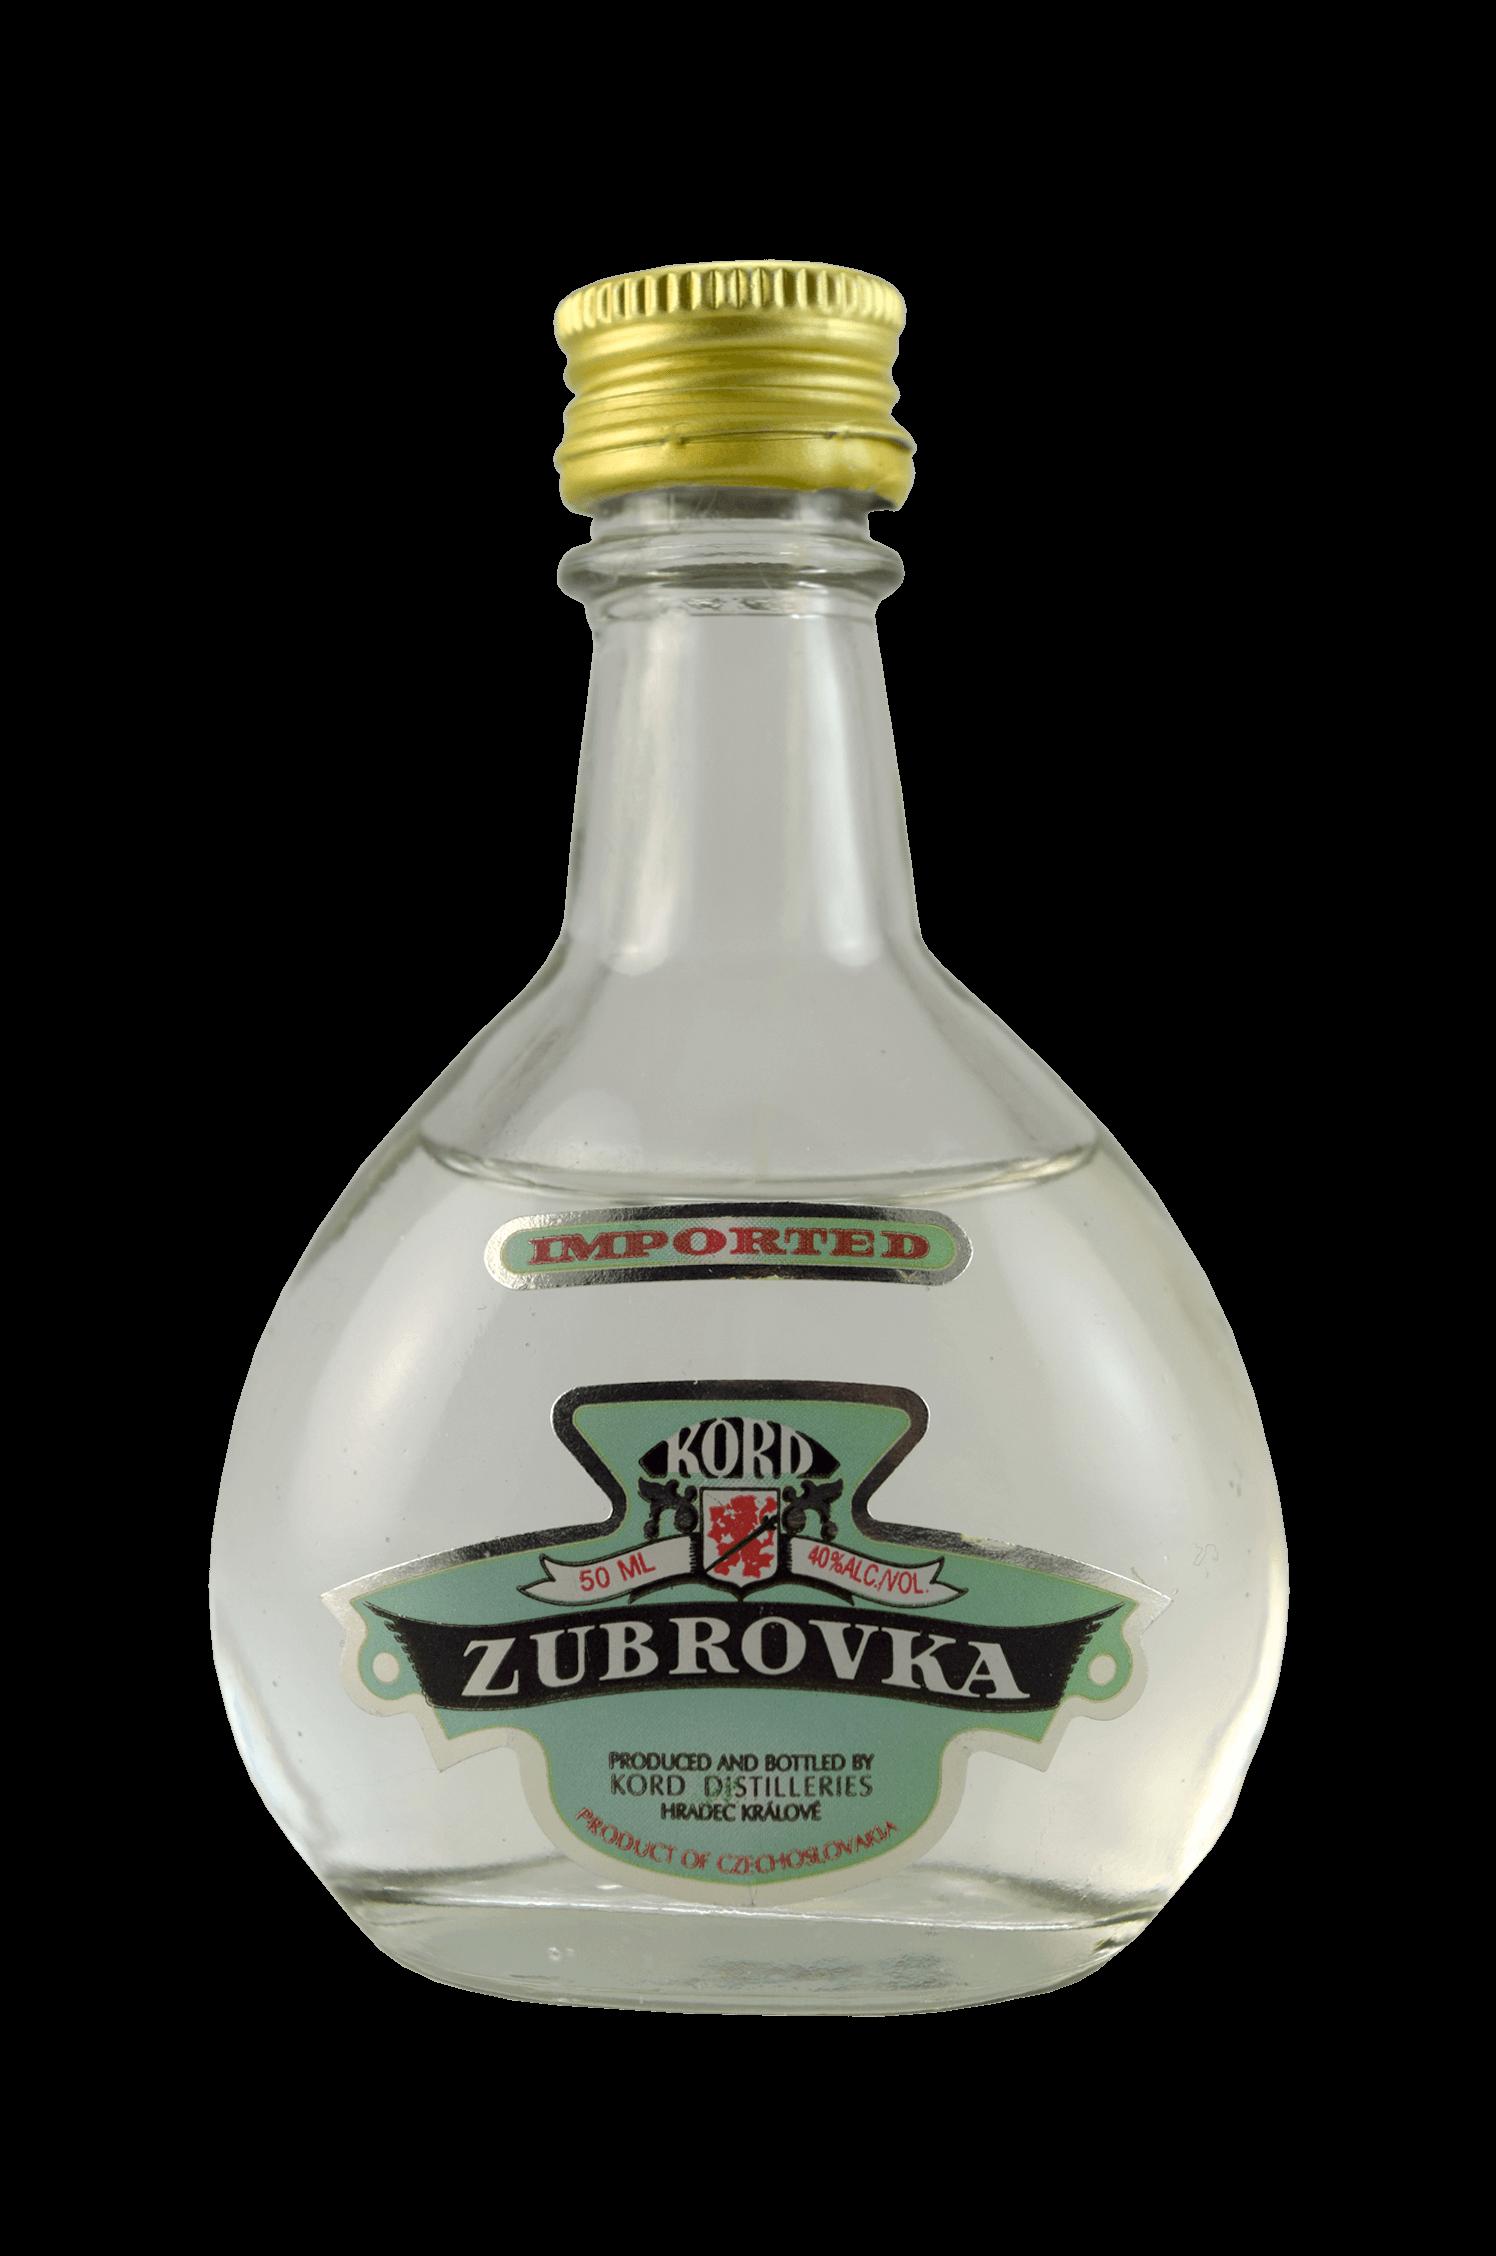 Kord Zubrovka